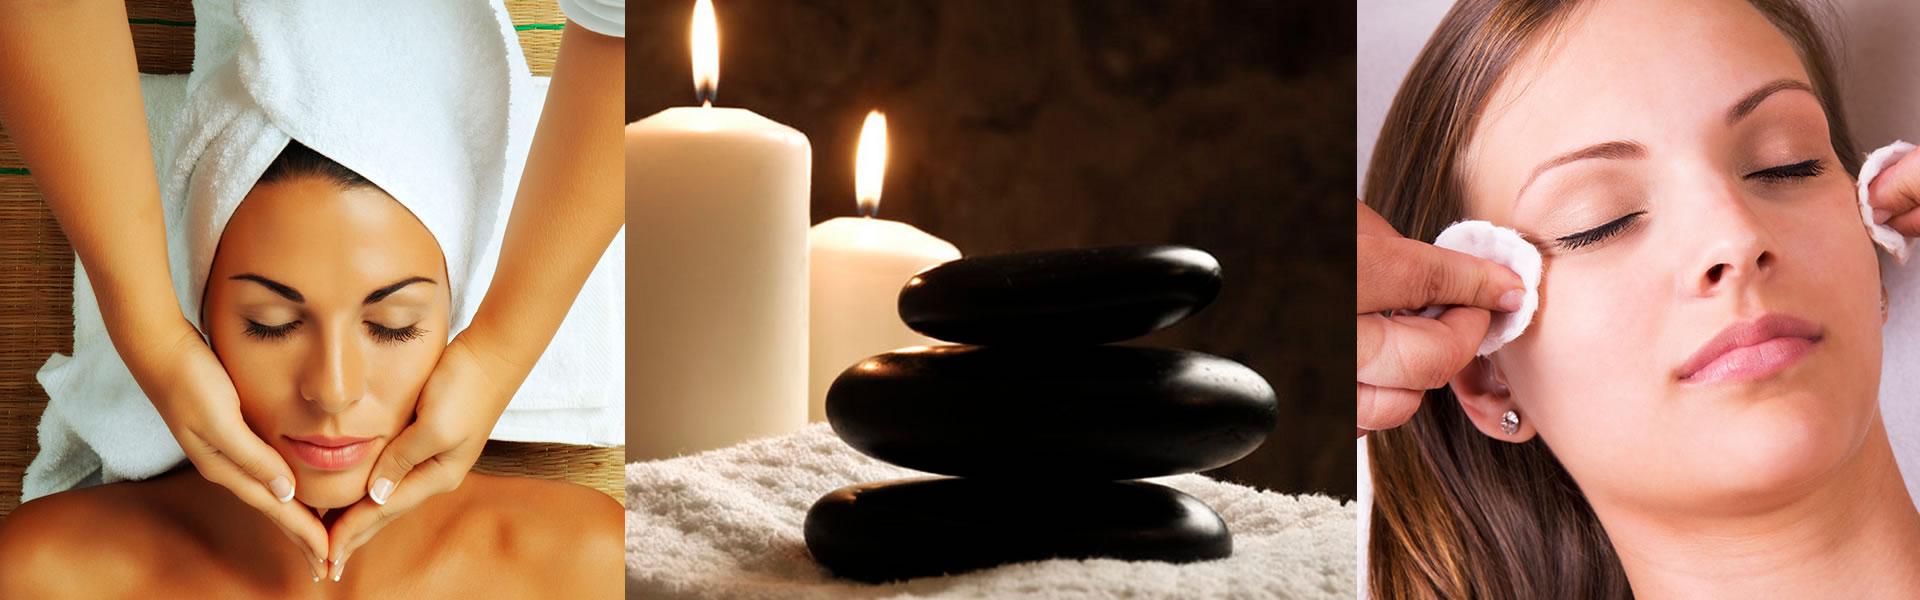 aurora_trattamenti massaggio corpo benessere da fare